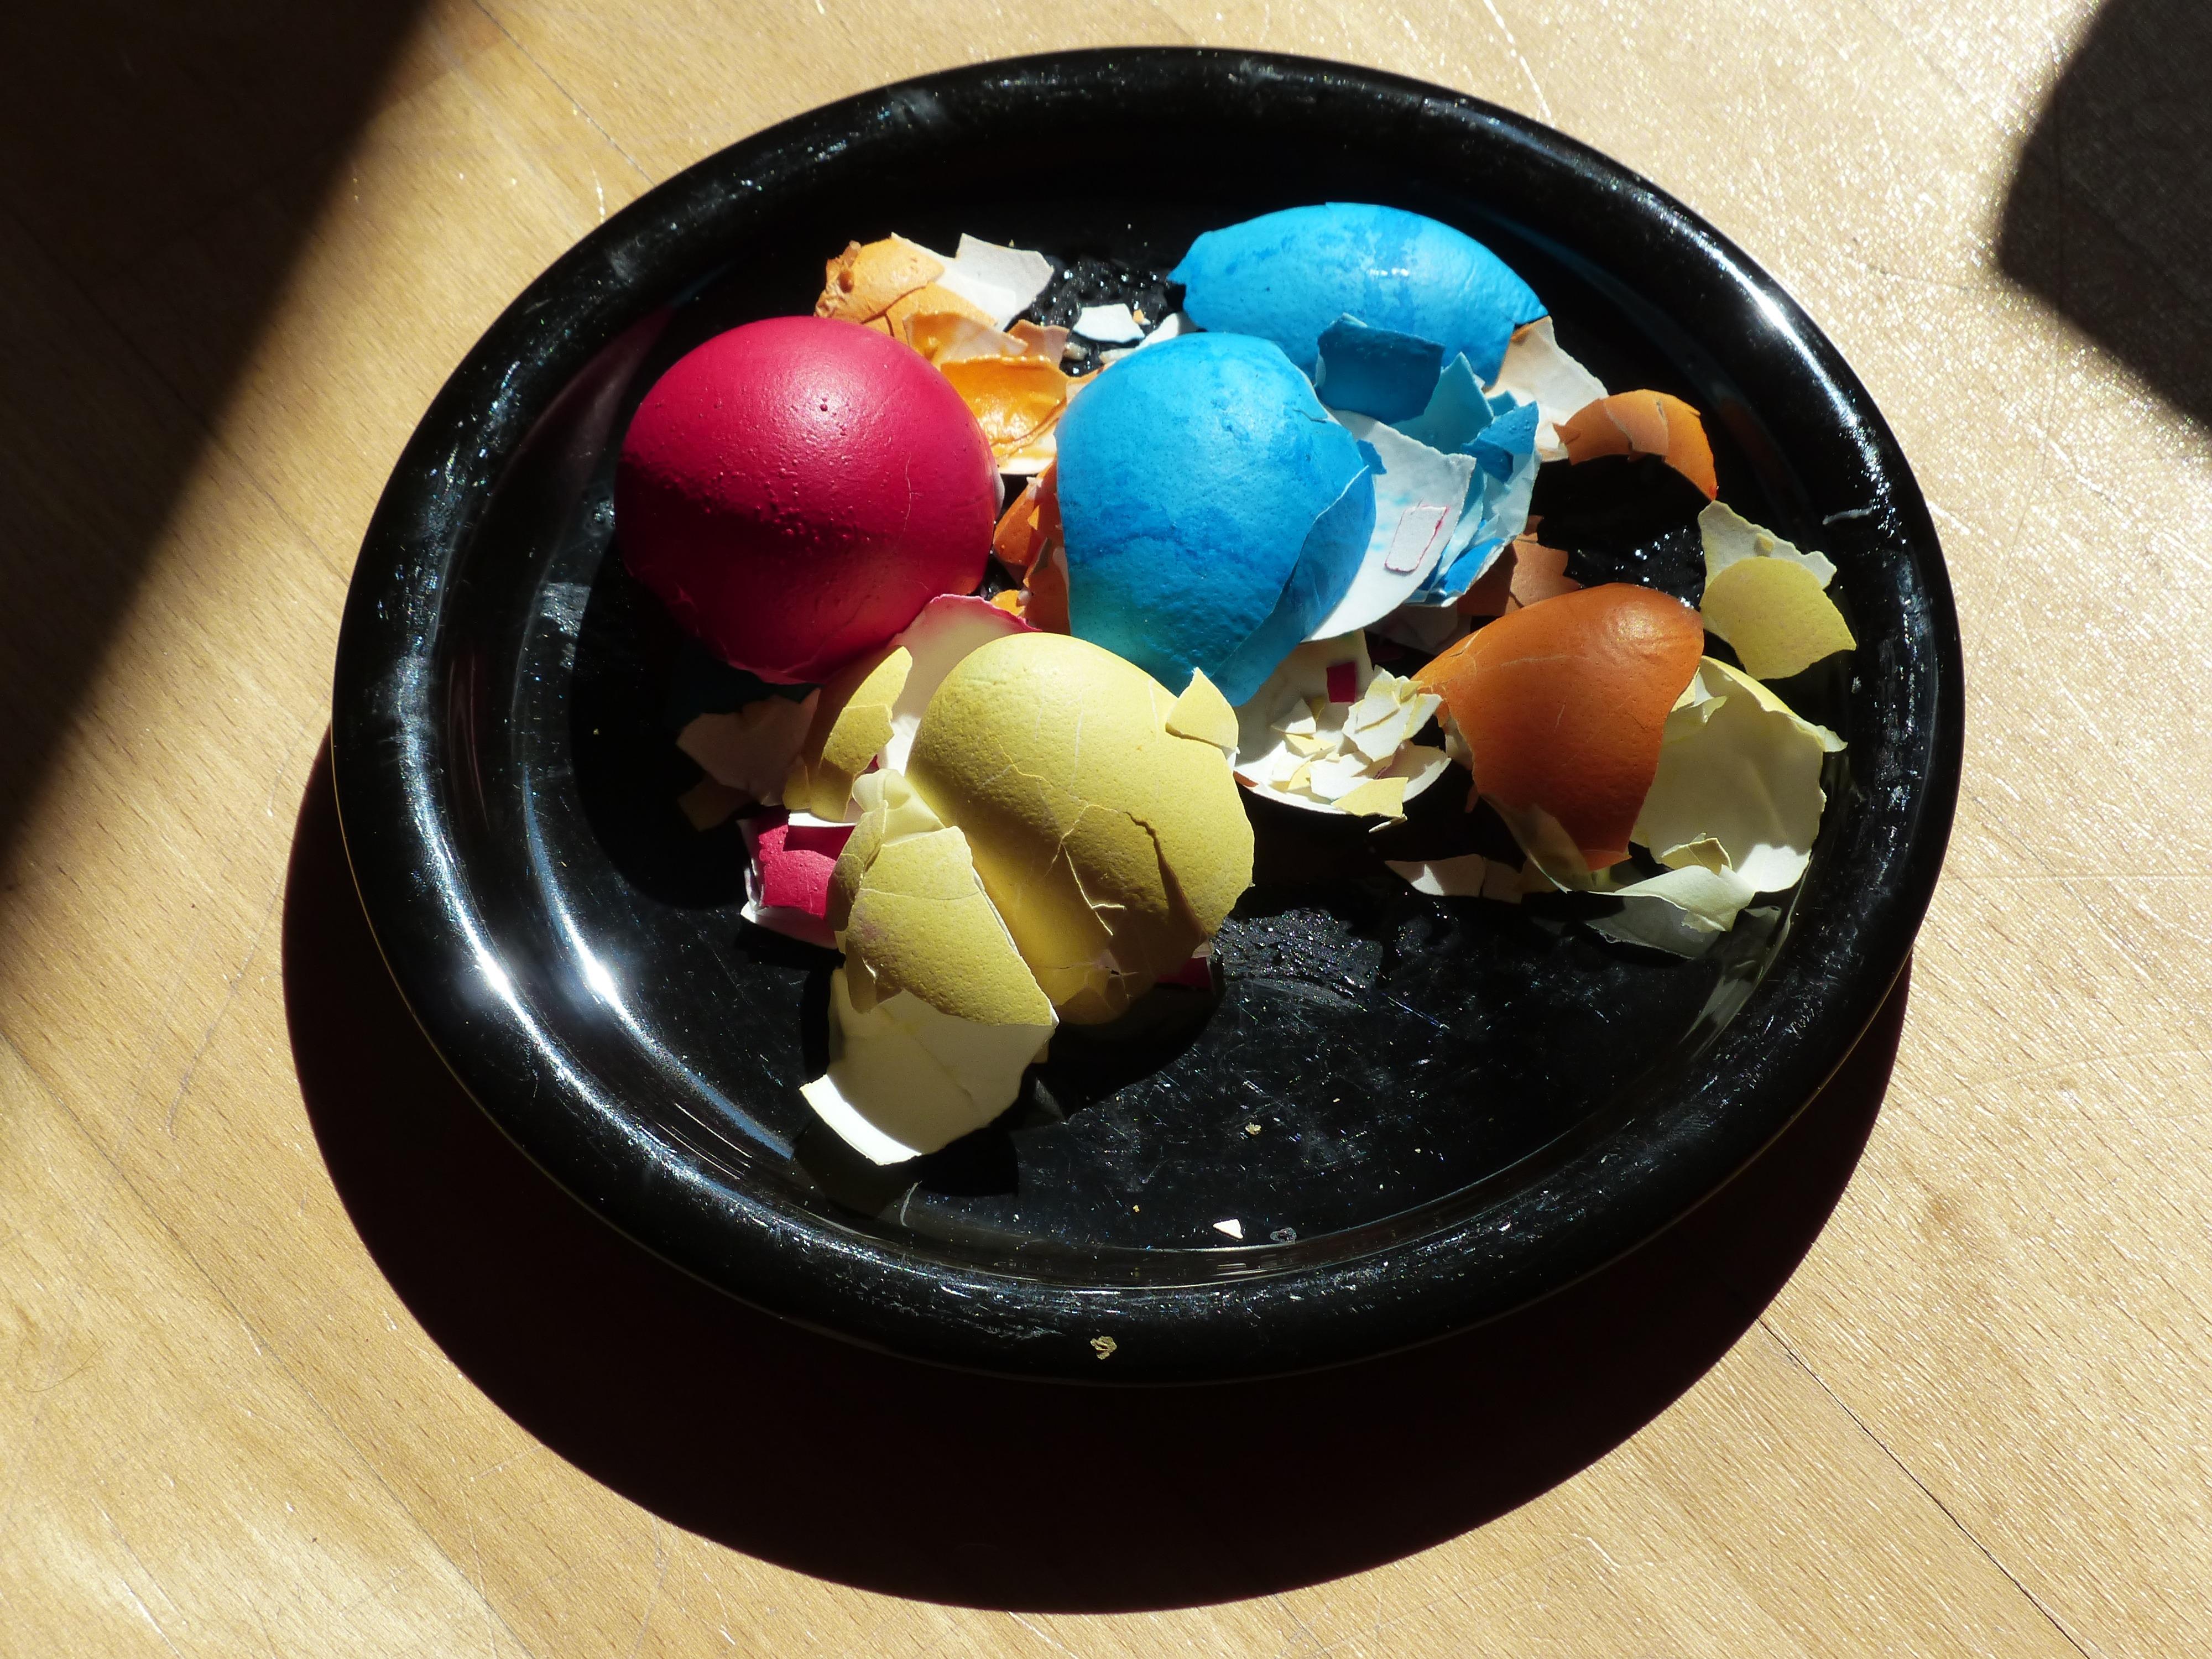 Fotograf Cicek Yemek Gida Renk Renkli Oyuncak Kabuk